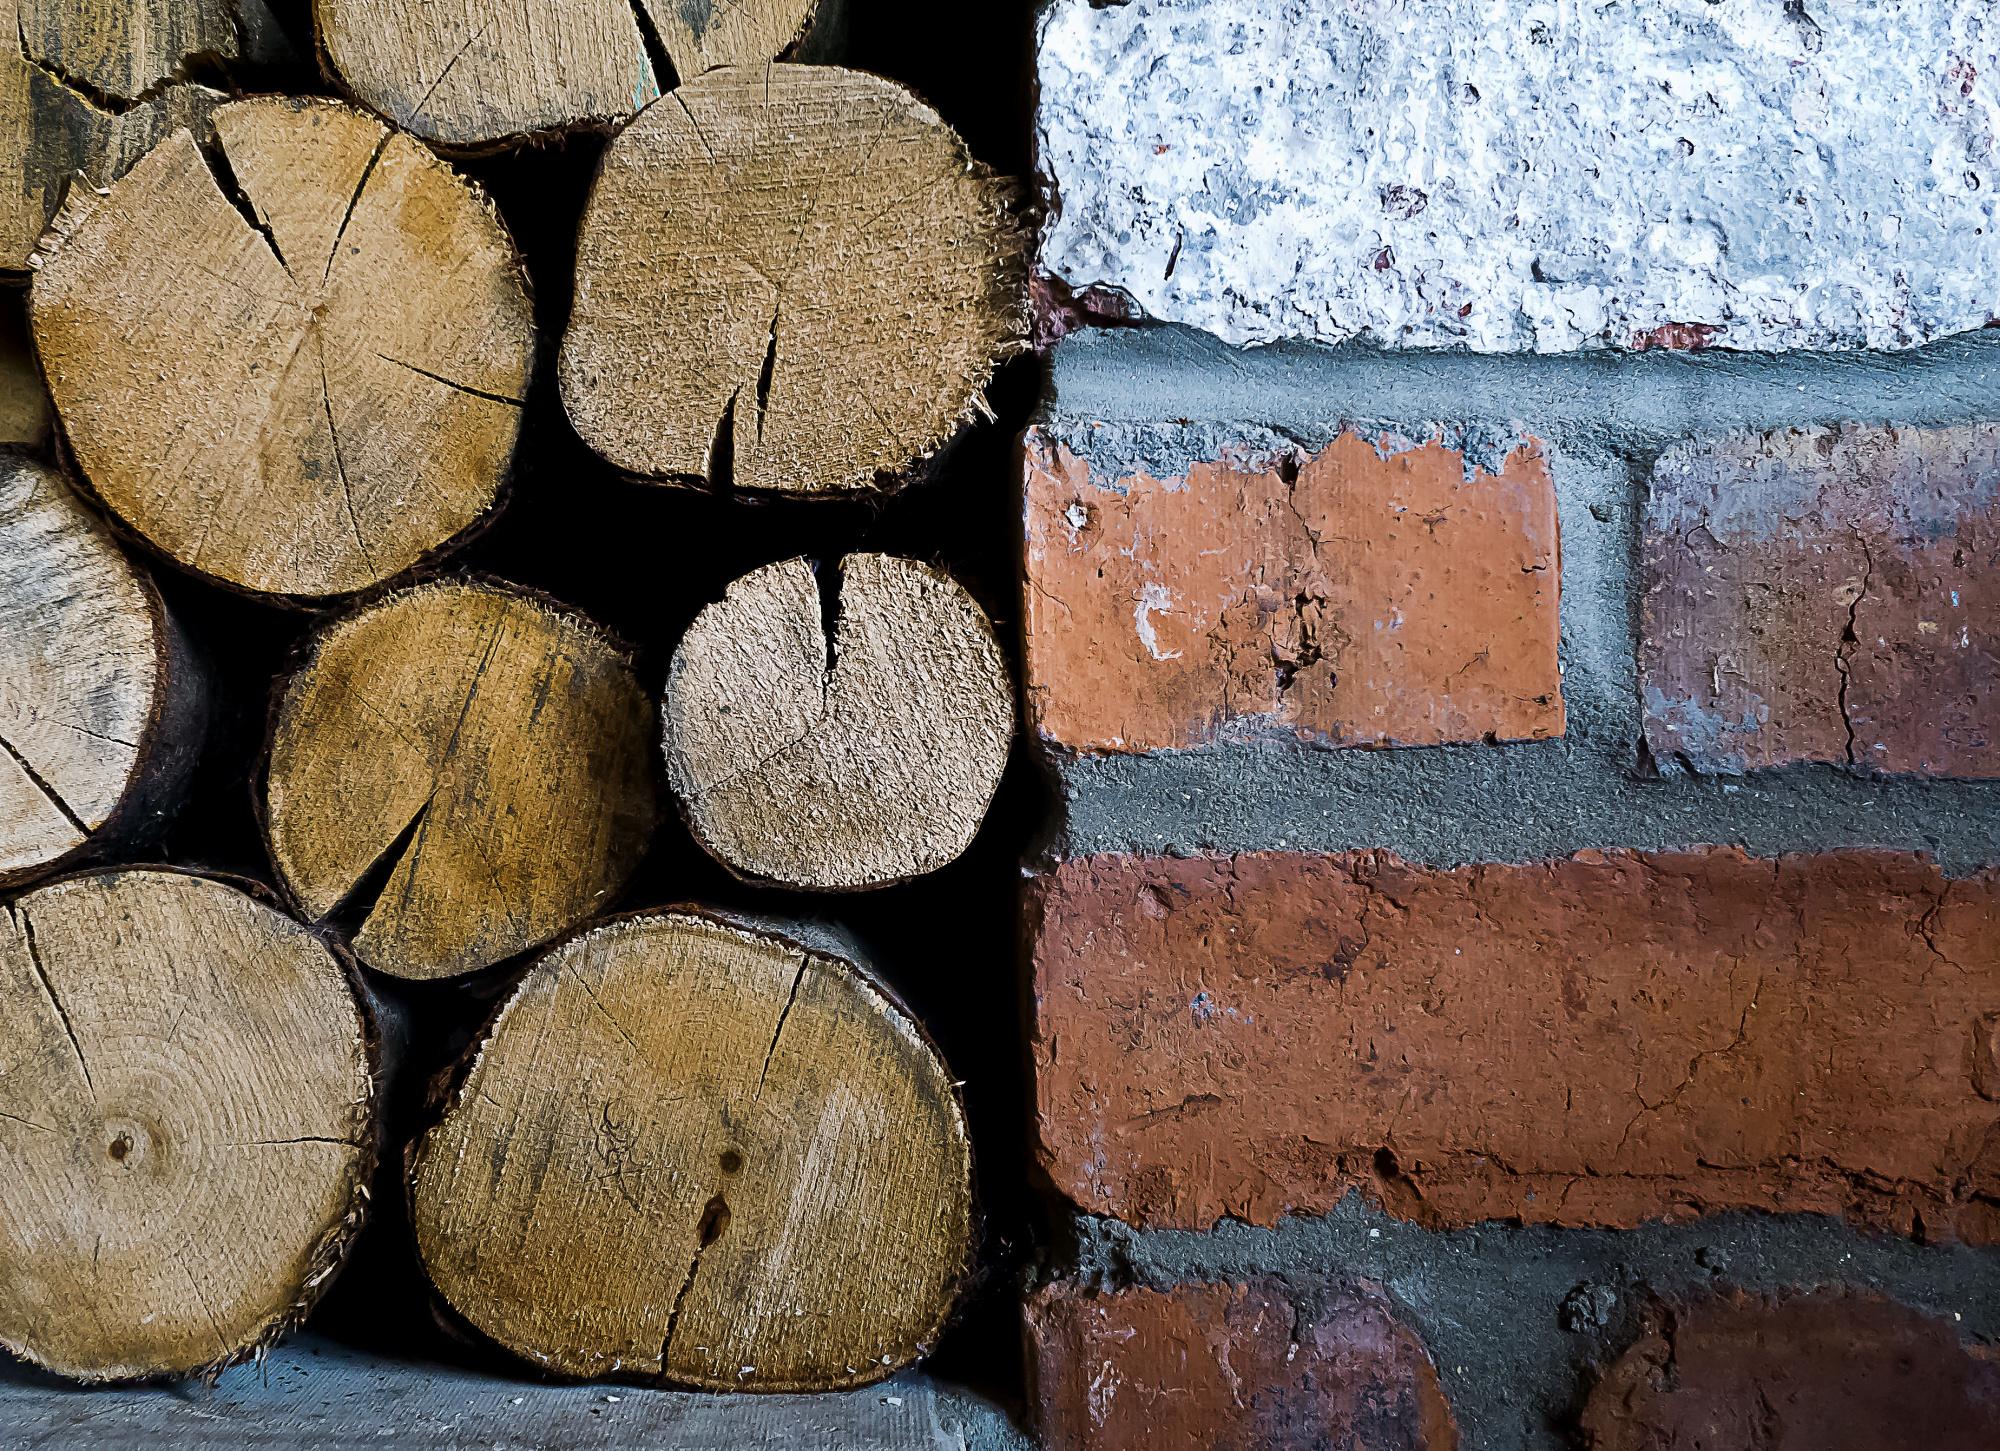 Sticks & Bricks